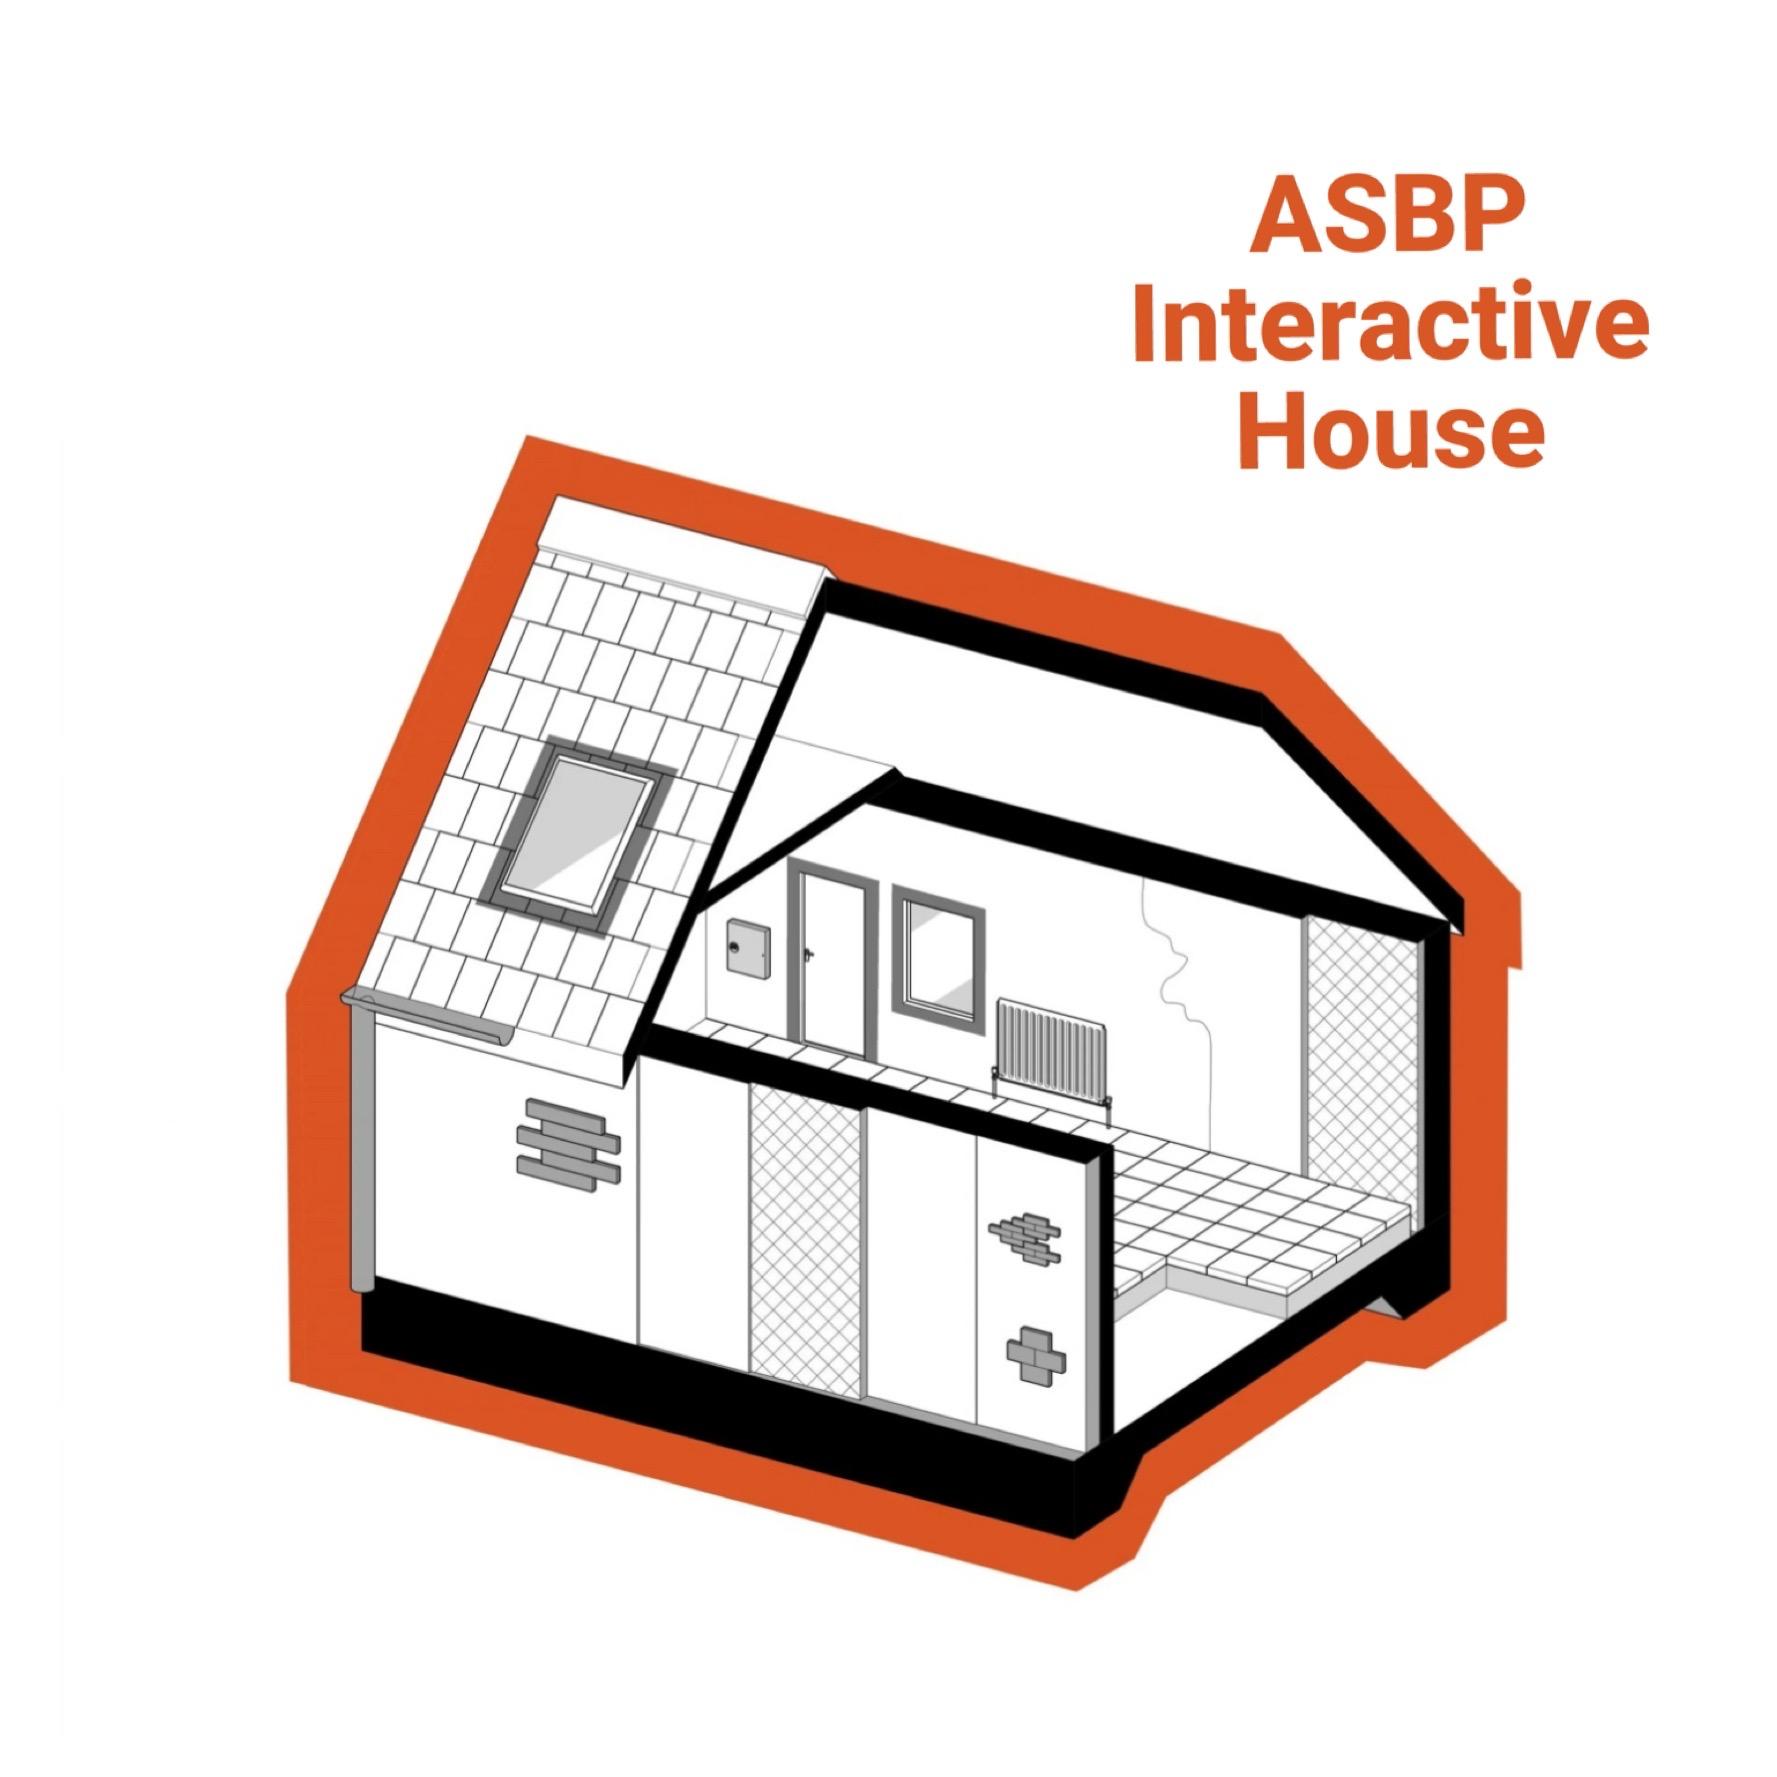 ASBP Interactive House